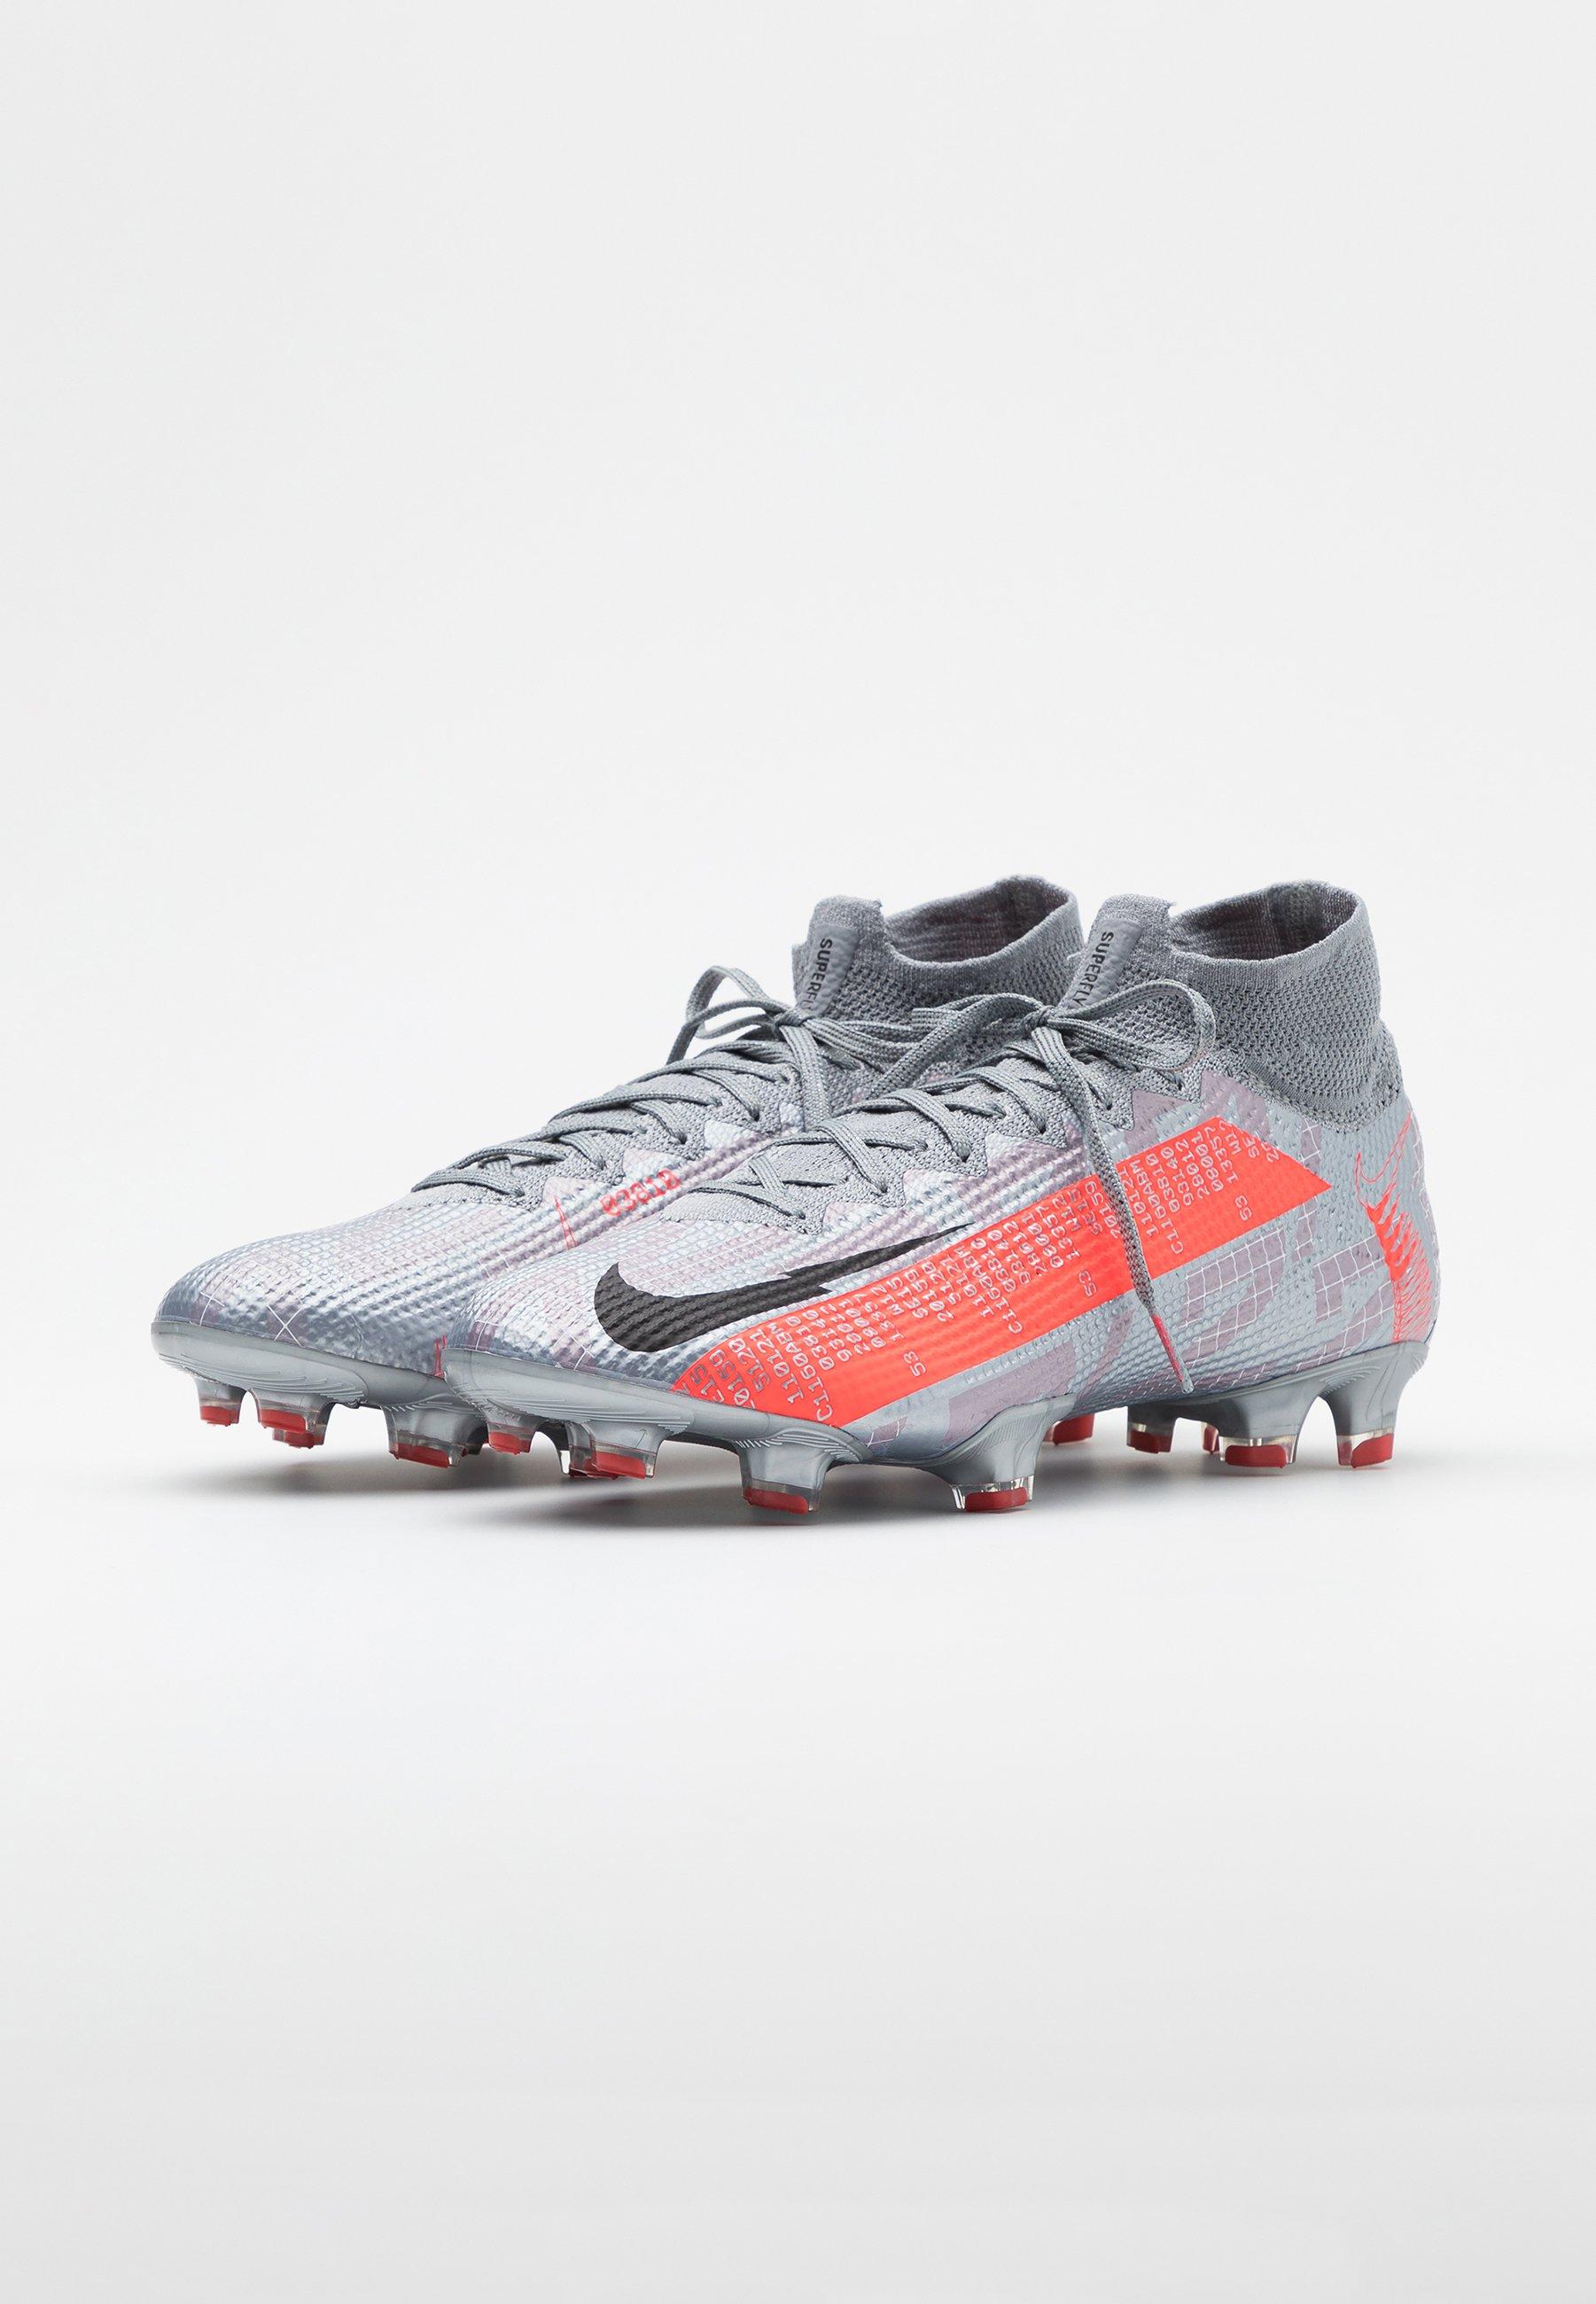 MERCURIAL 7 ELITE FG Voetbalschoenen met kunststof noppen metallic bomber greyblackparticle grey